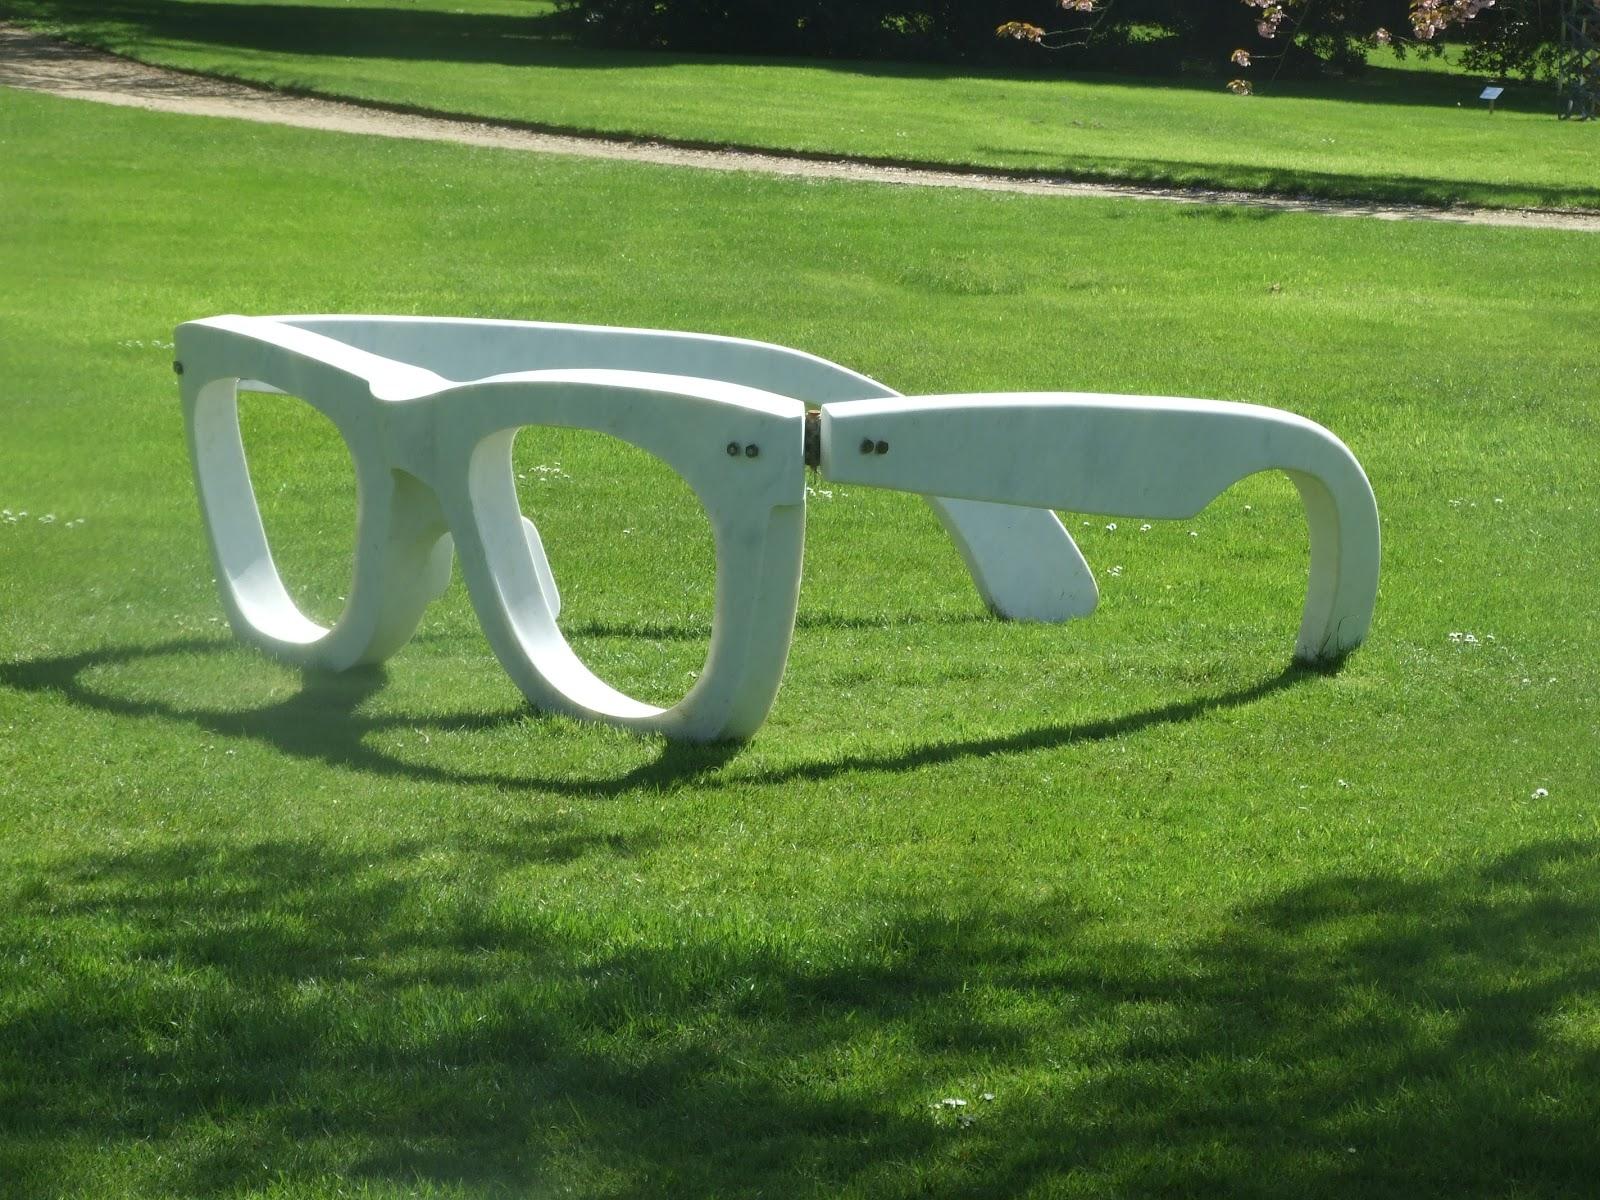 Sculpture-+Giant+Specs.JPG